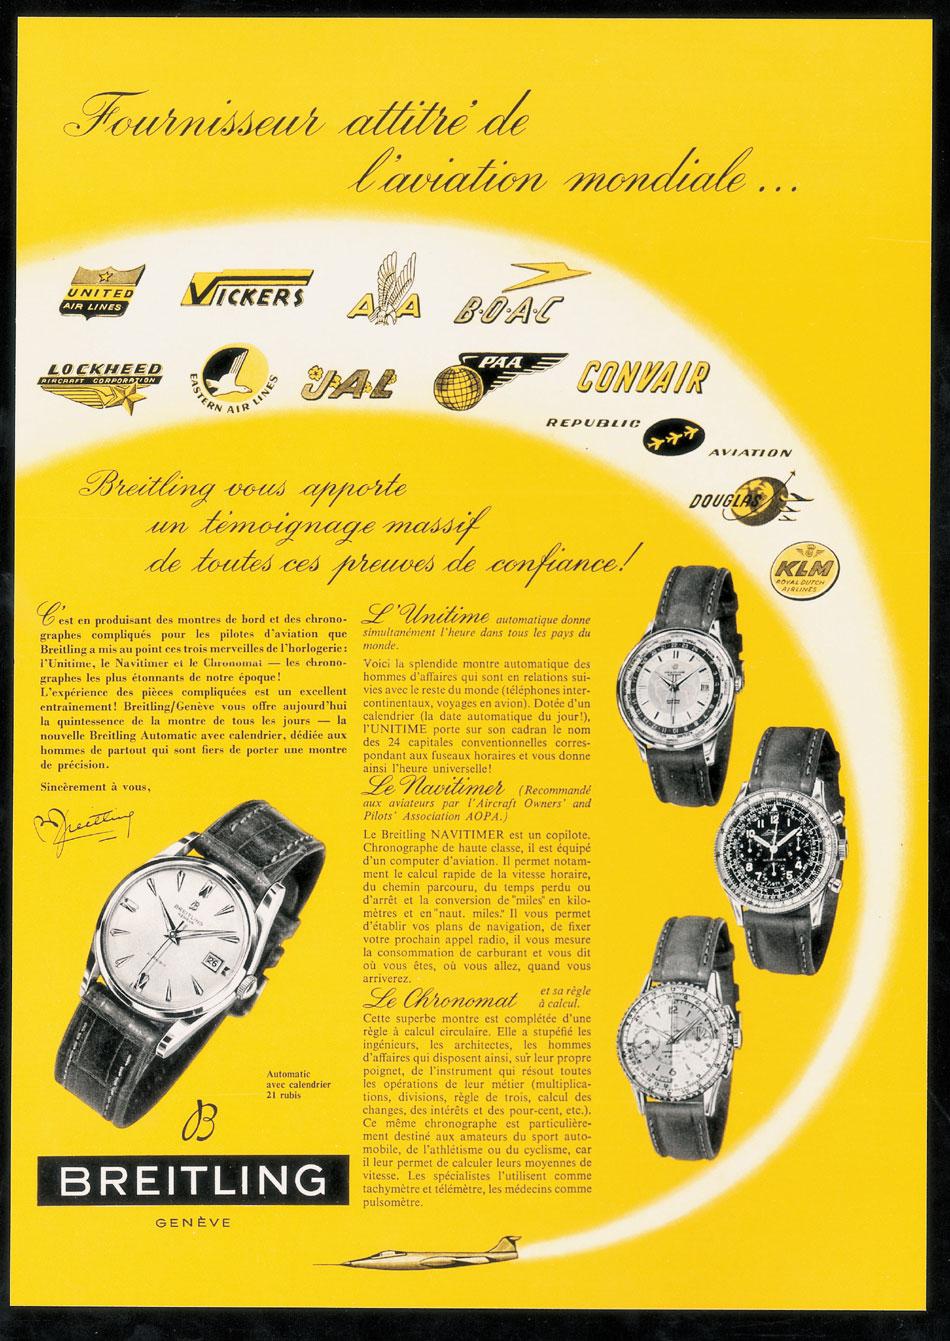 Publicité Breitling vintage